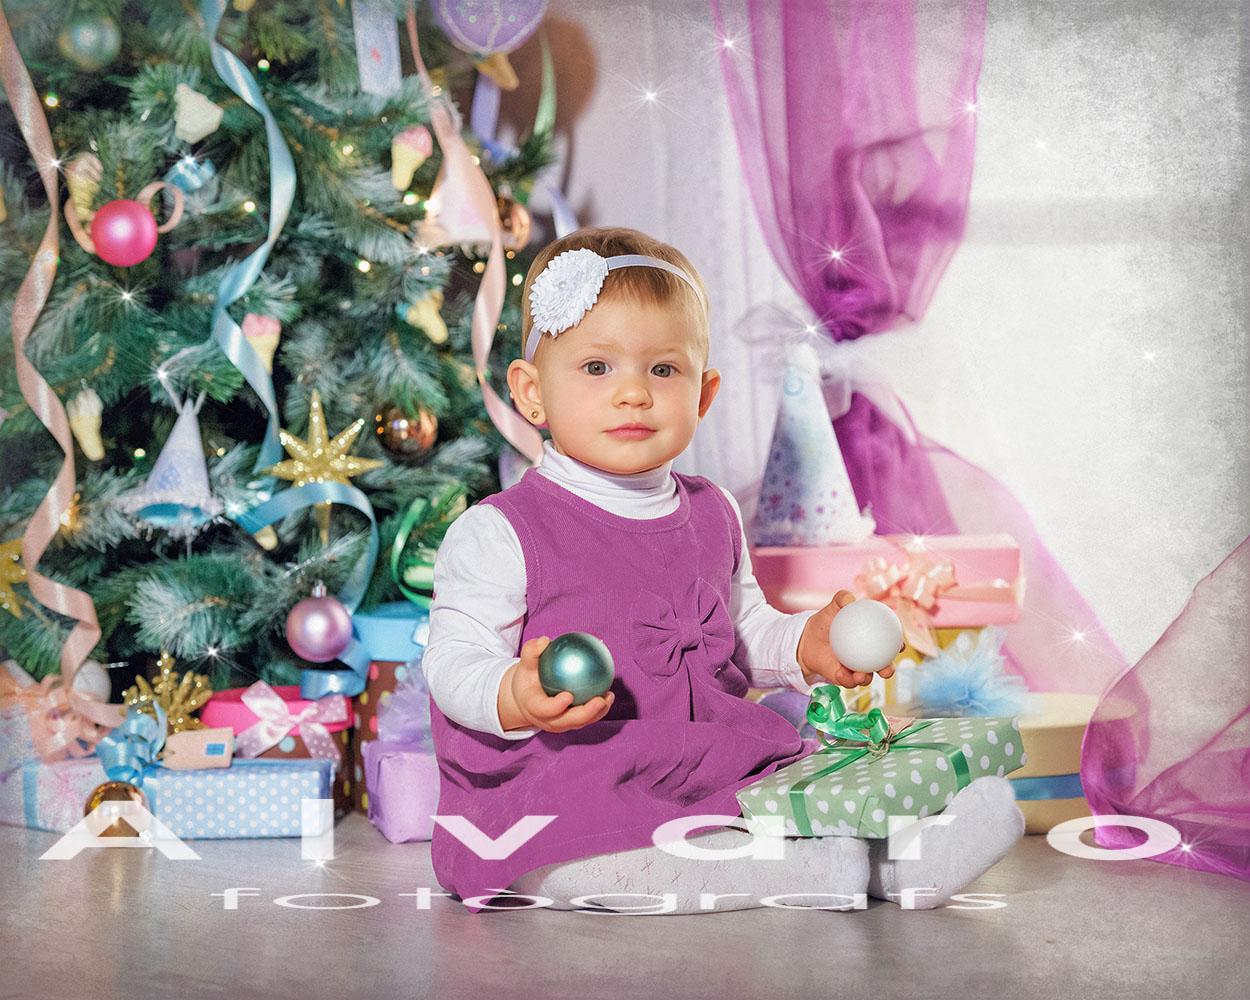 decorado navidad pastel